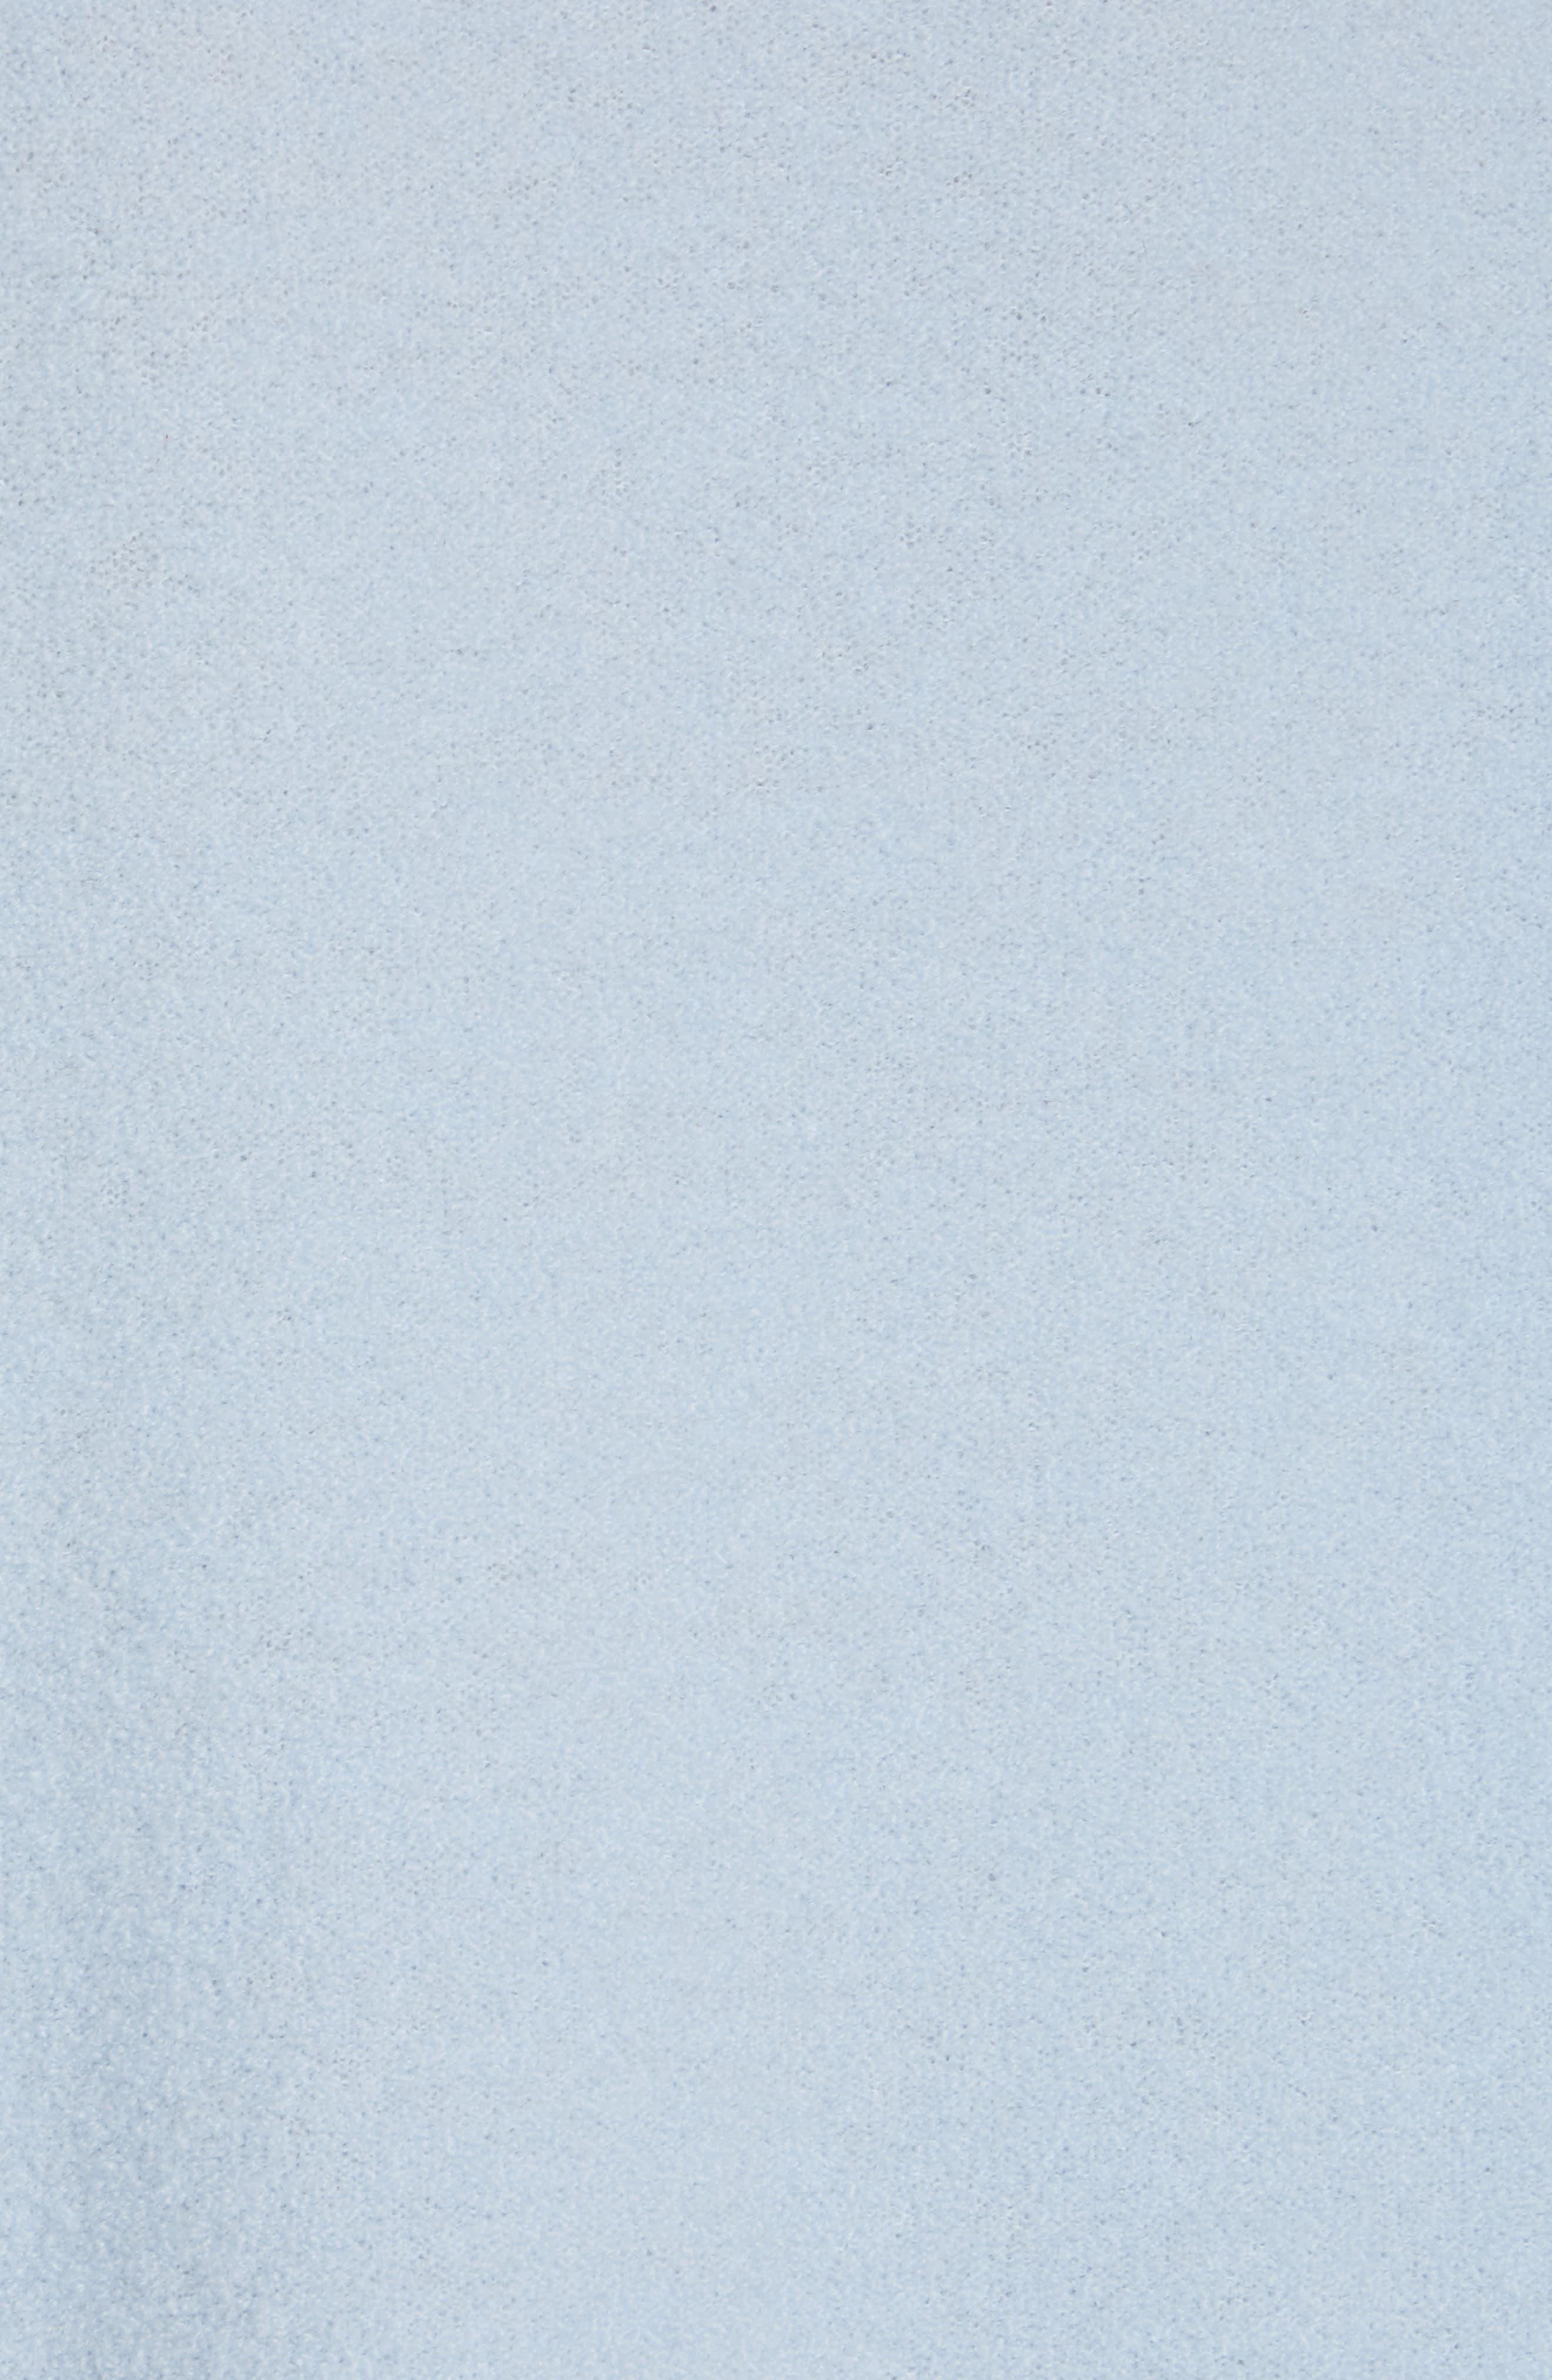 NORDSTROM SIGNATURE, Cashmere Blend Bouclé Sweater, Alternate thumbnail 5, color, BLUE CASHMERE